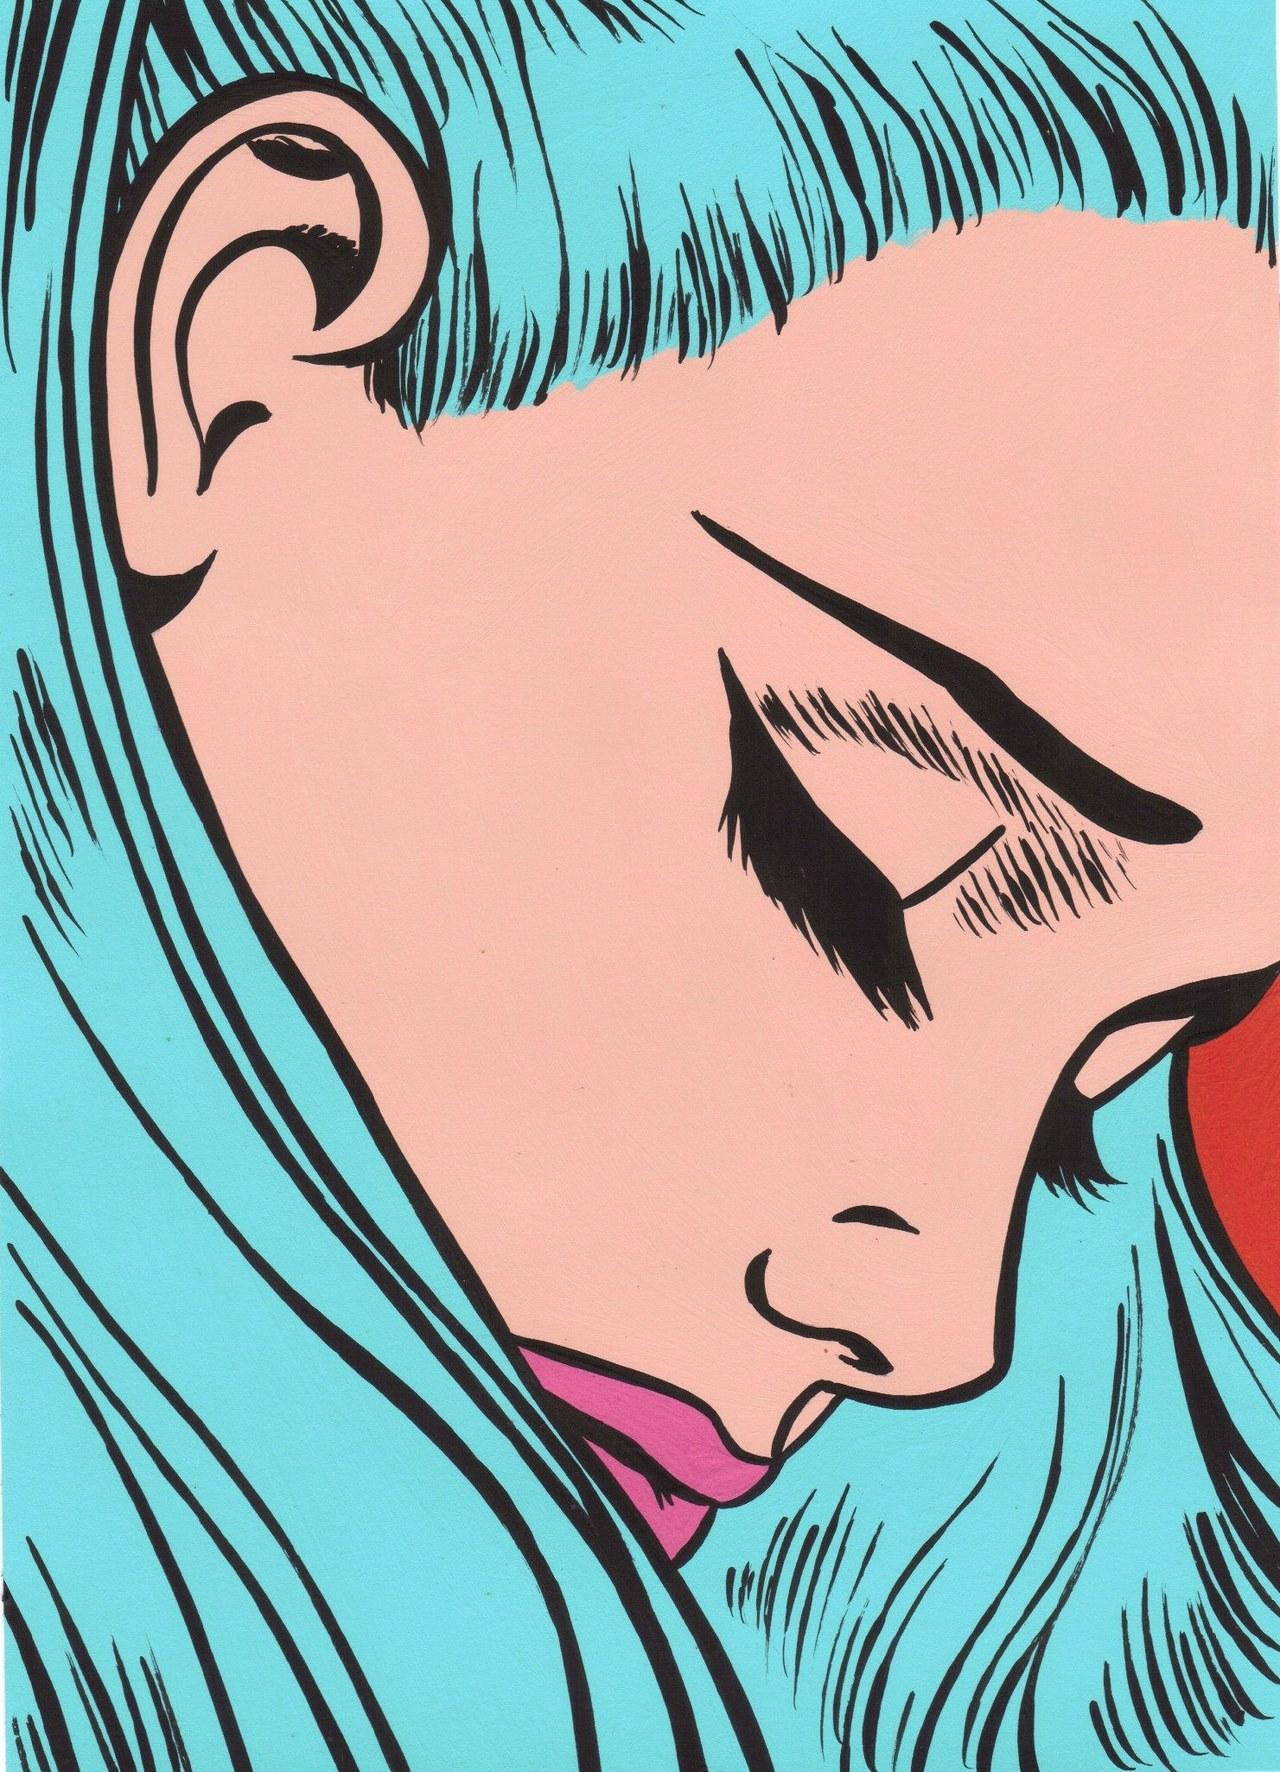 risunki-v-stile-pop-art